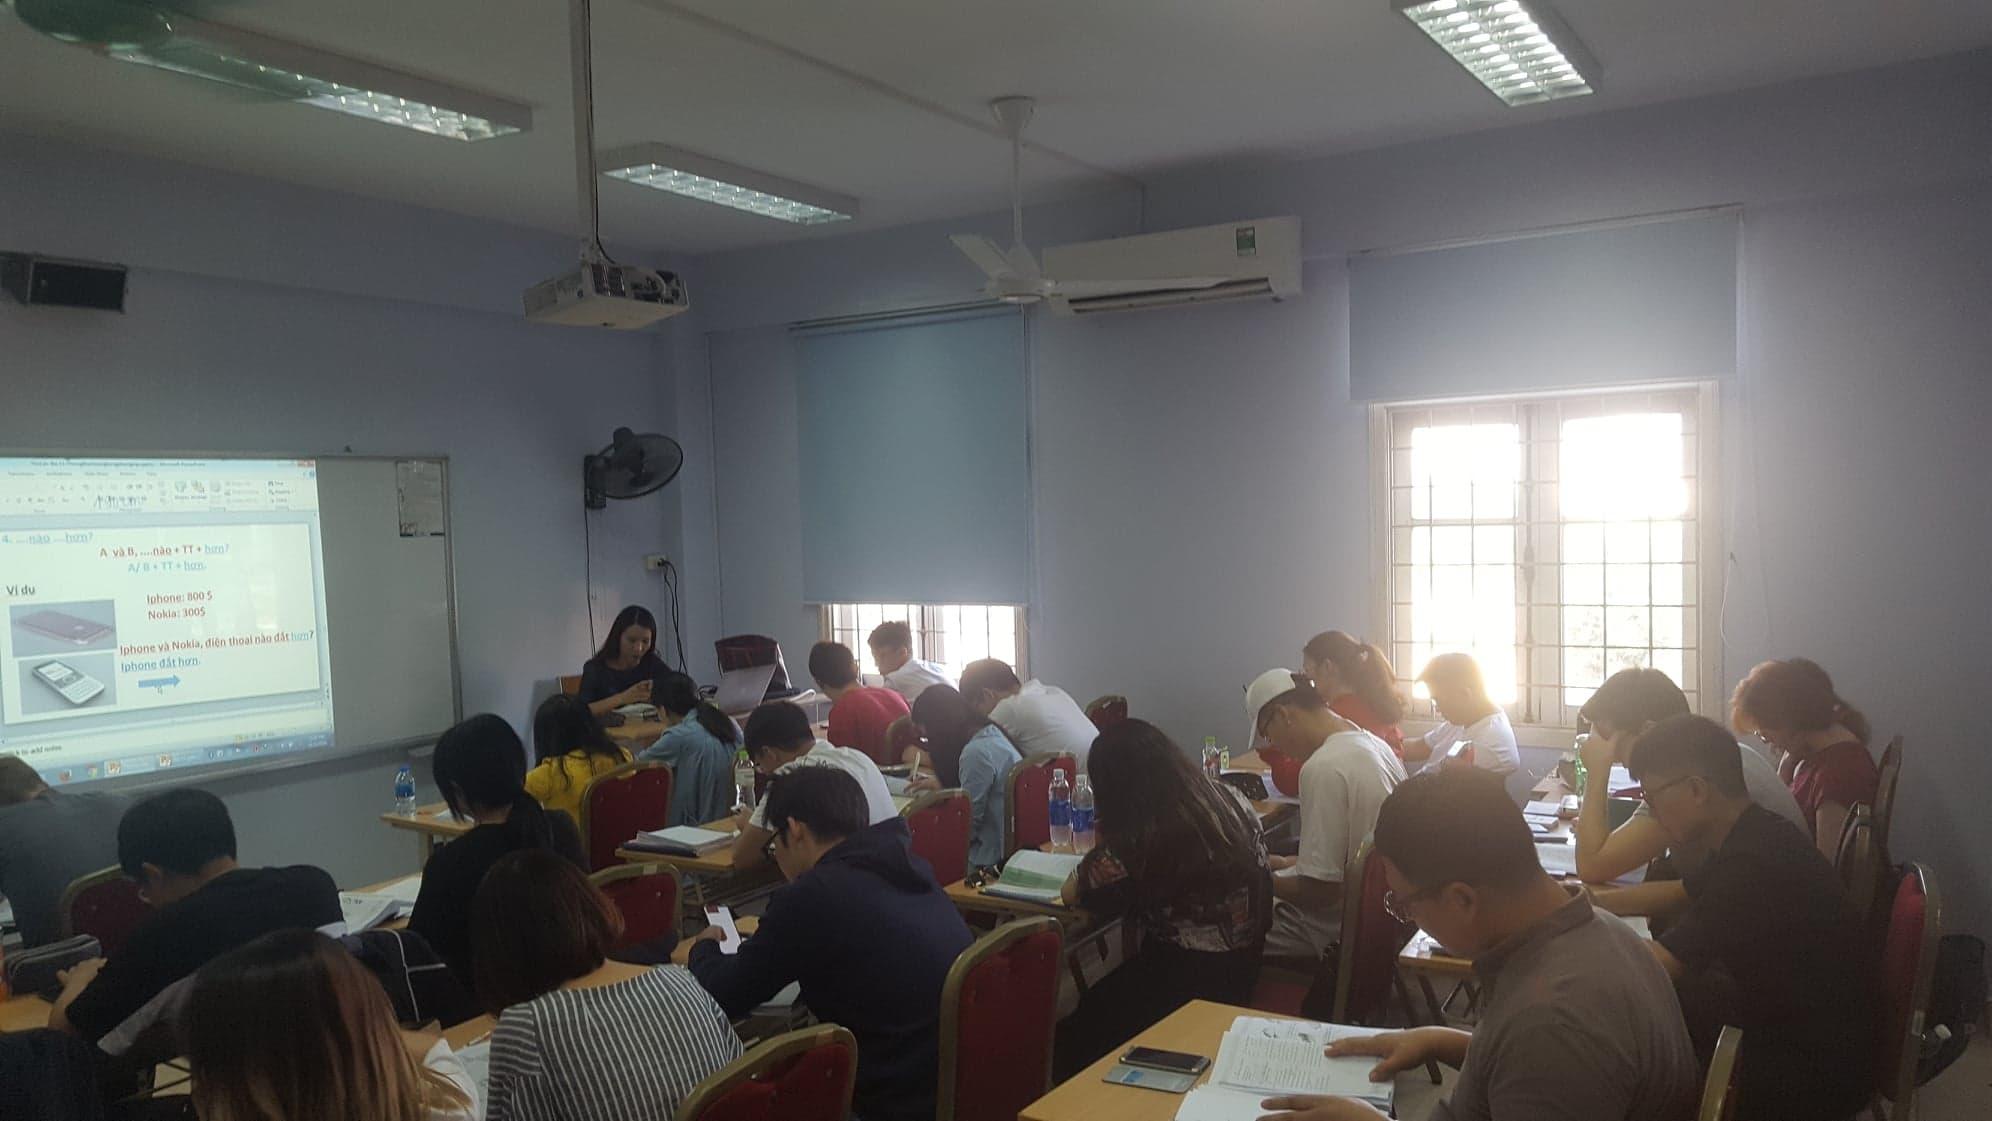 ベトナムの大学院に進学する方法や、費用・入学申請手続きを徹底解説